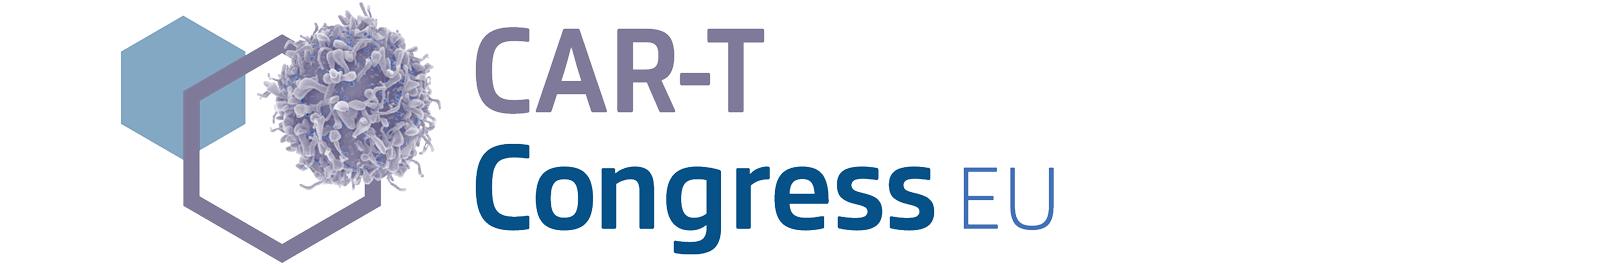 CAR-T Congress EU 2020